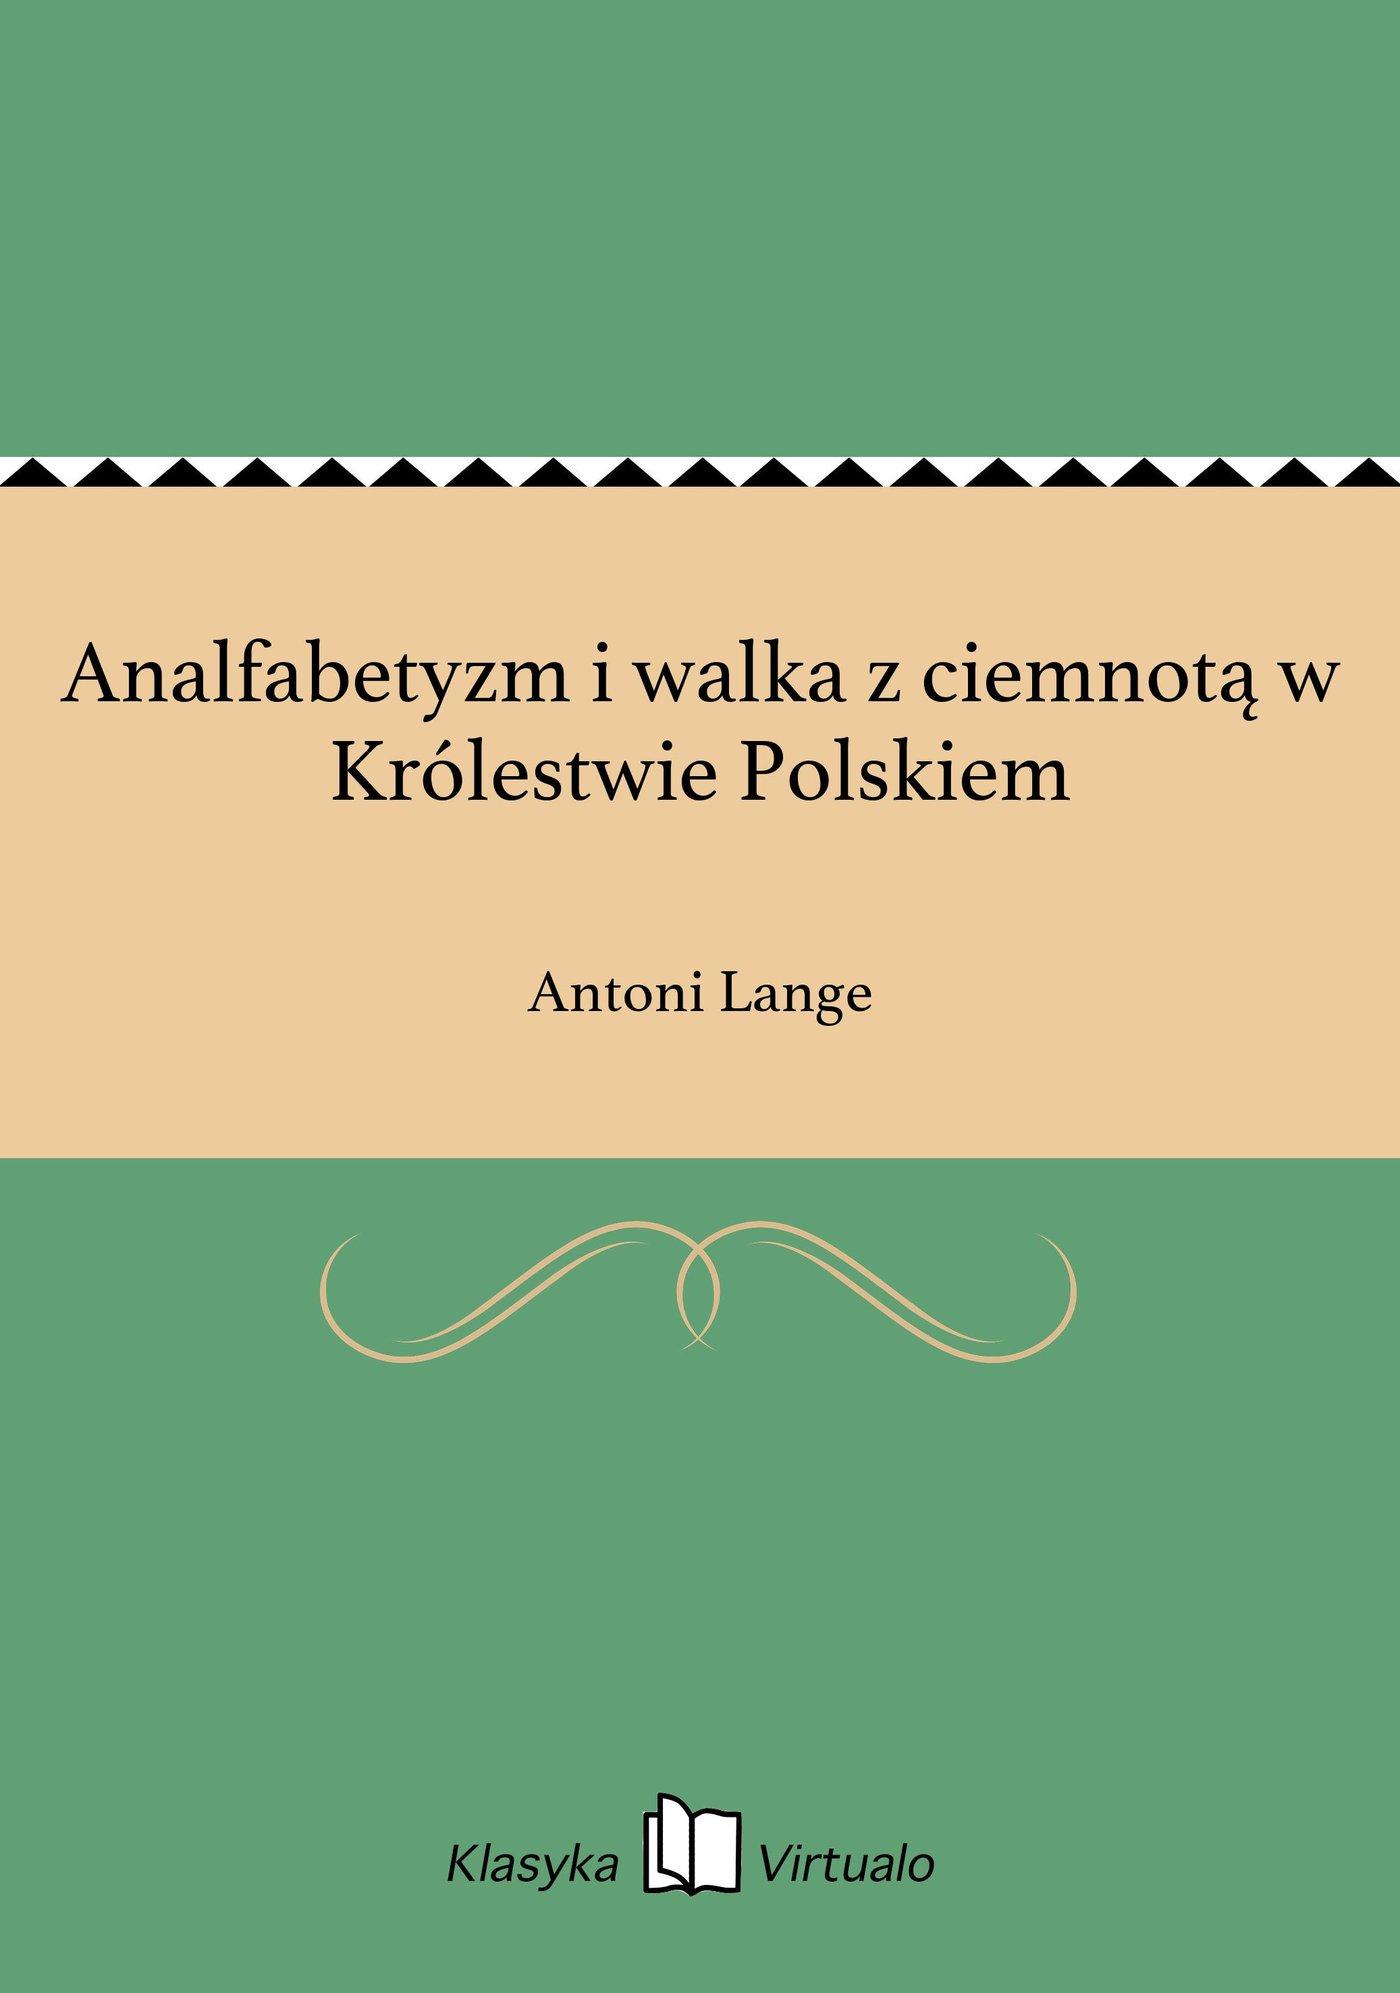 Analfabetyzm i walka z ciemnotą w Królestwie Polskiem - Ebook (Książka EPUB) do pobrania w formacie EPUB